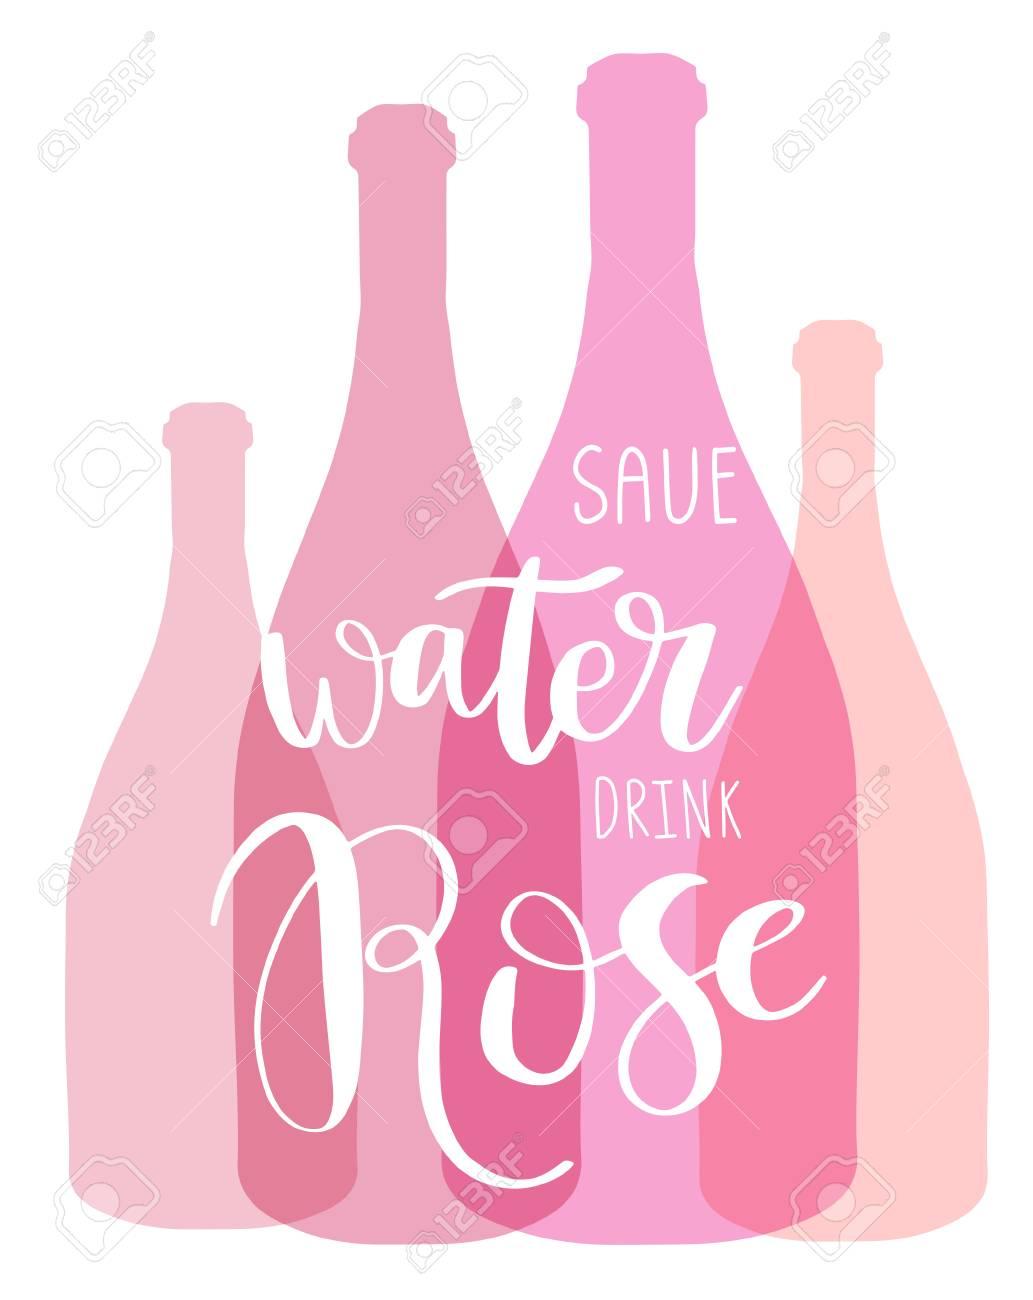 Diseño De Cartel De Tipografía Dibujada A Mano Con Botellas De Vino Tipografía Inspiradora Del Vector Ahorrar Agua Beber Rosa Frase De Letras Puede